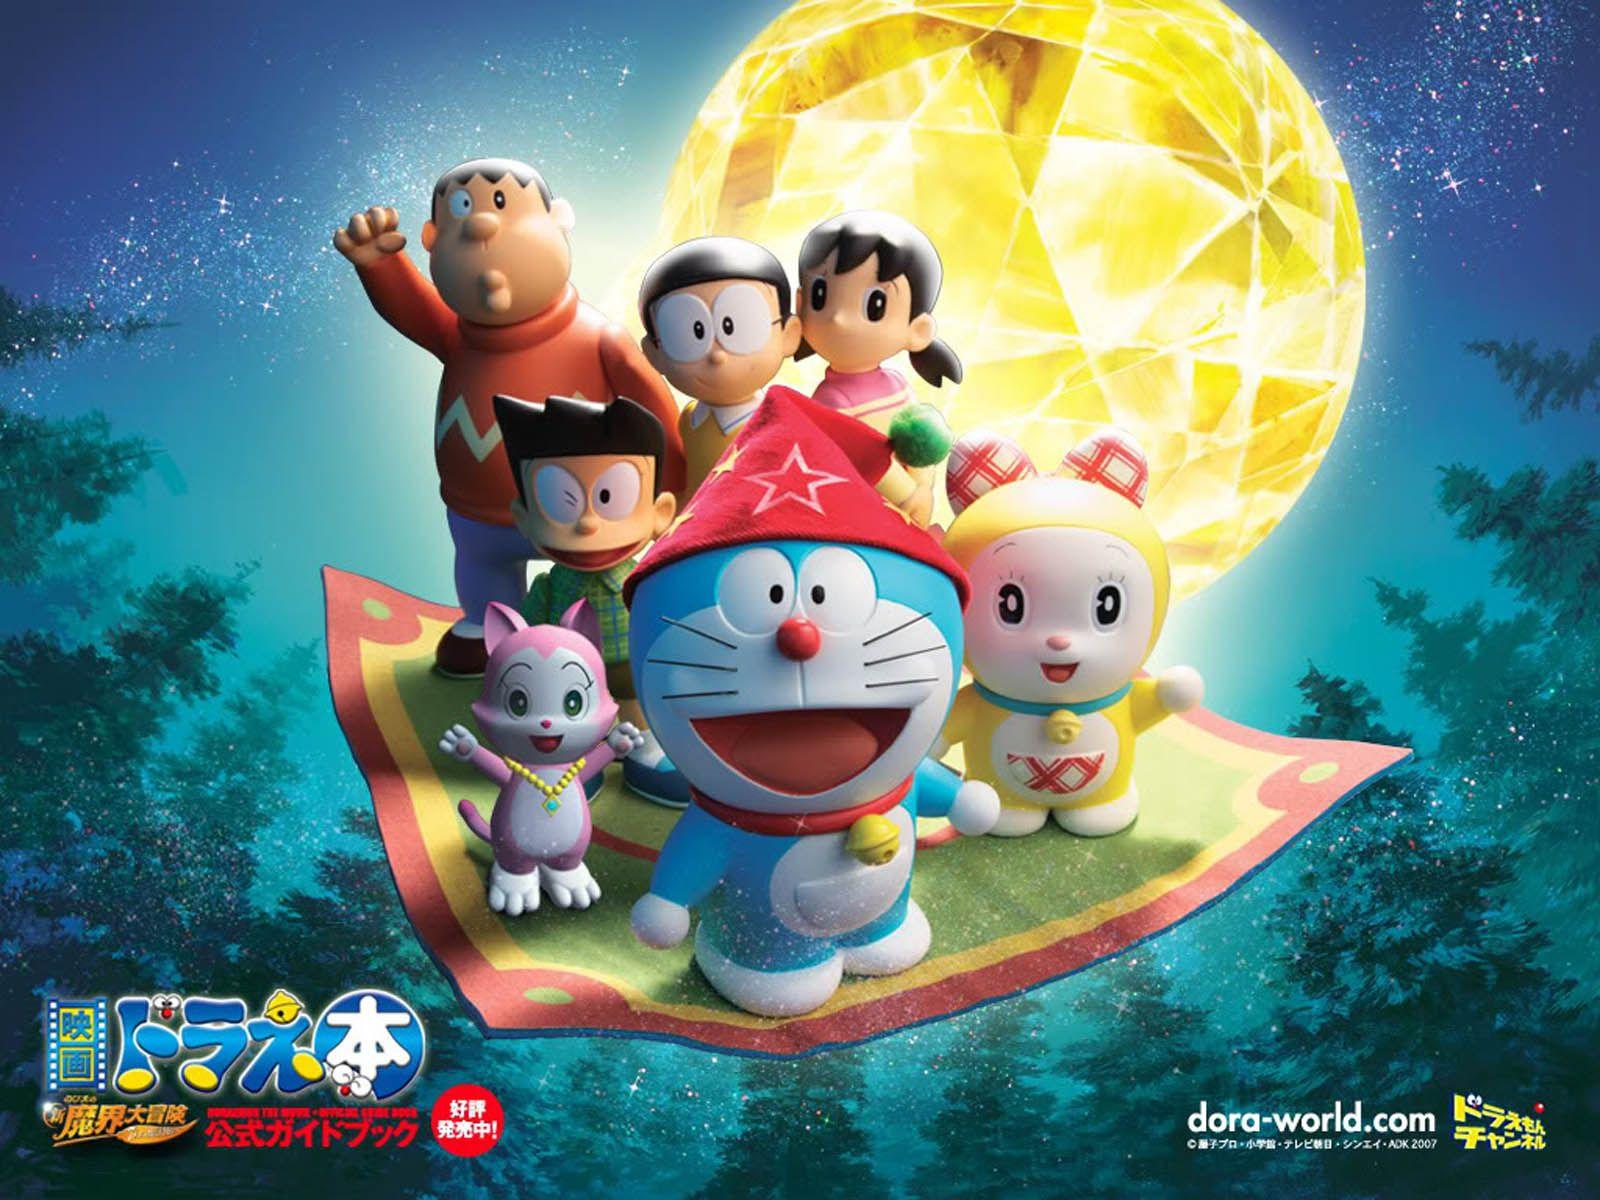 Doraemon wallpaper images 3d